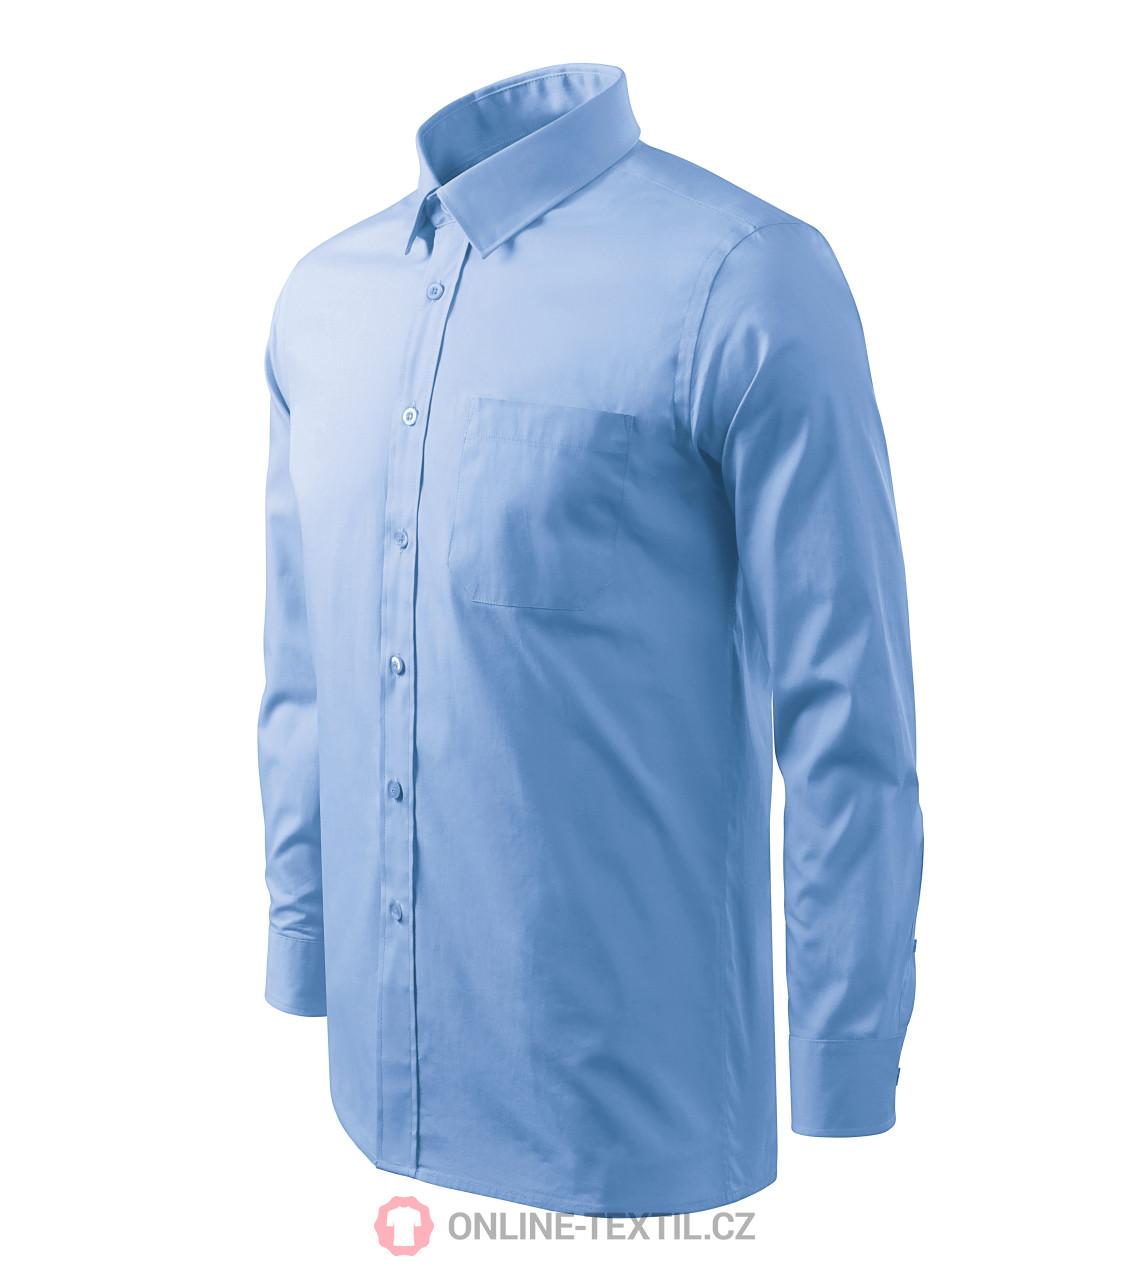 cec2dddfe ADLER CZECH Pánska košeľa Style LS s dlhým rukávom 209 - nebeská ...